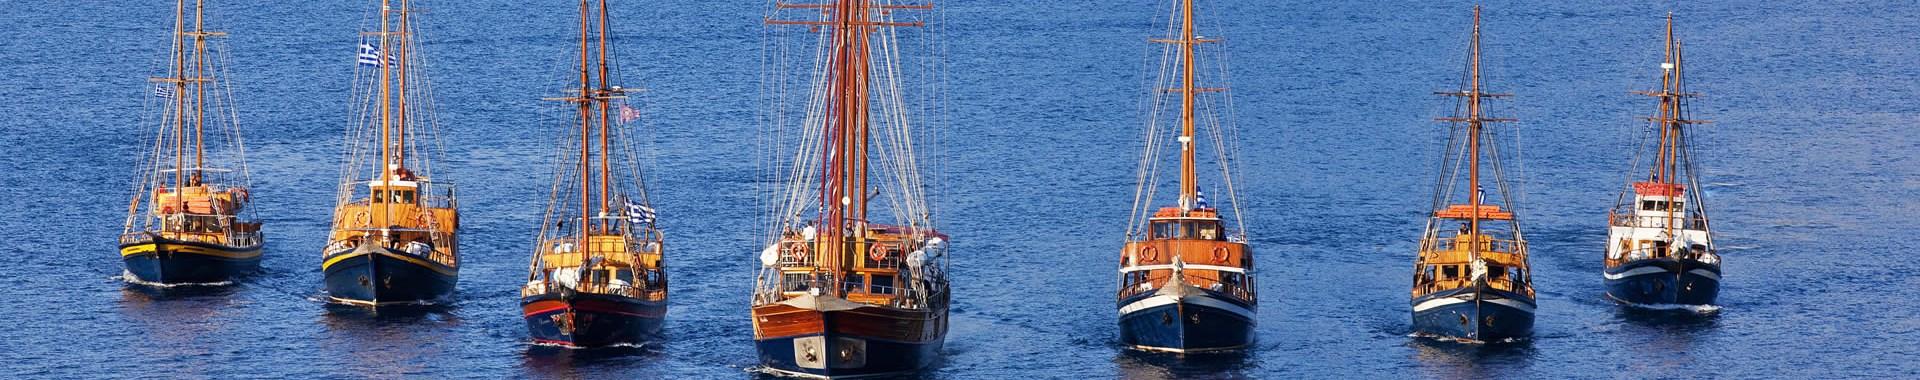 Caldera's Boats